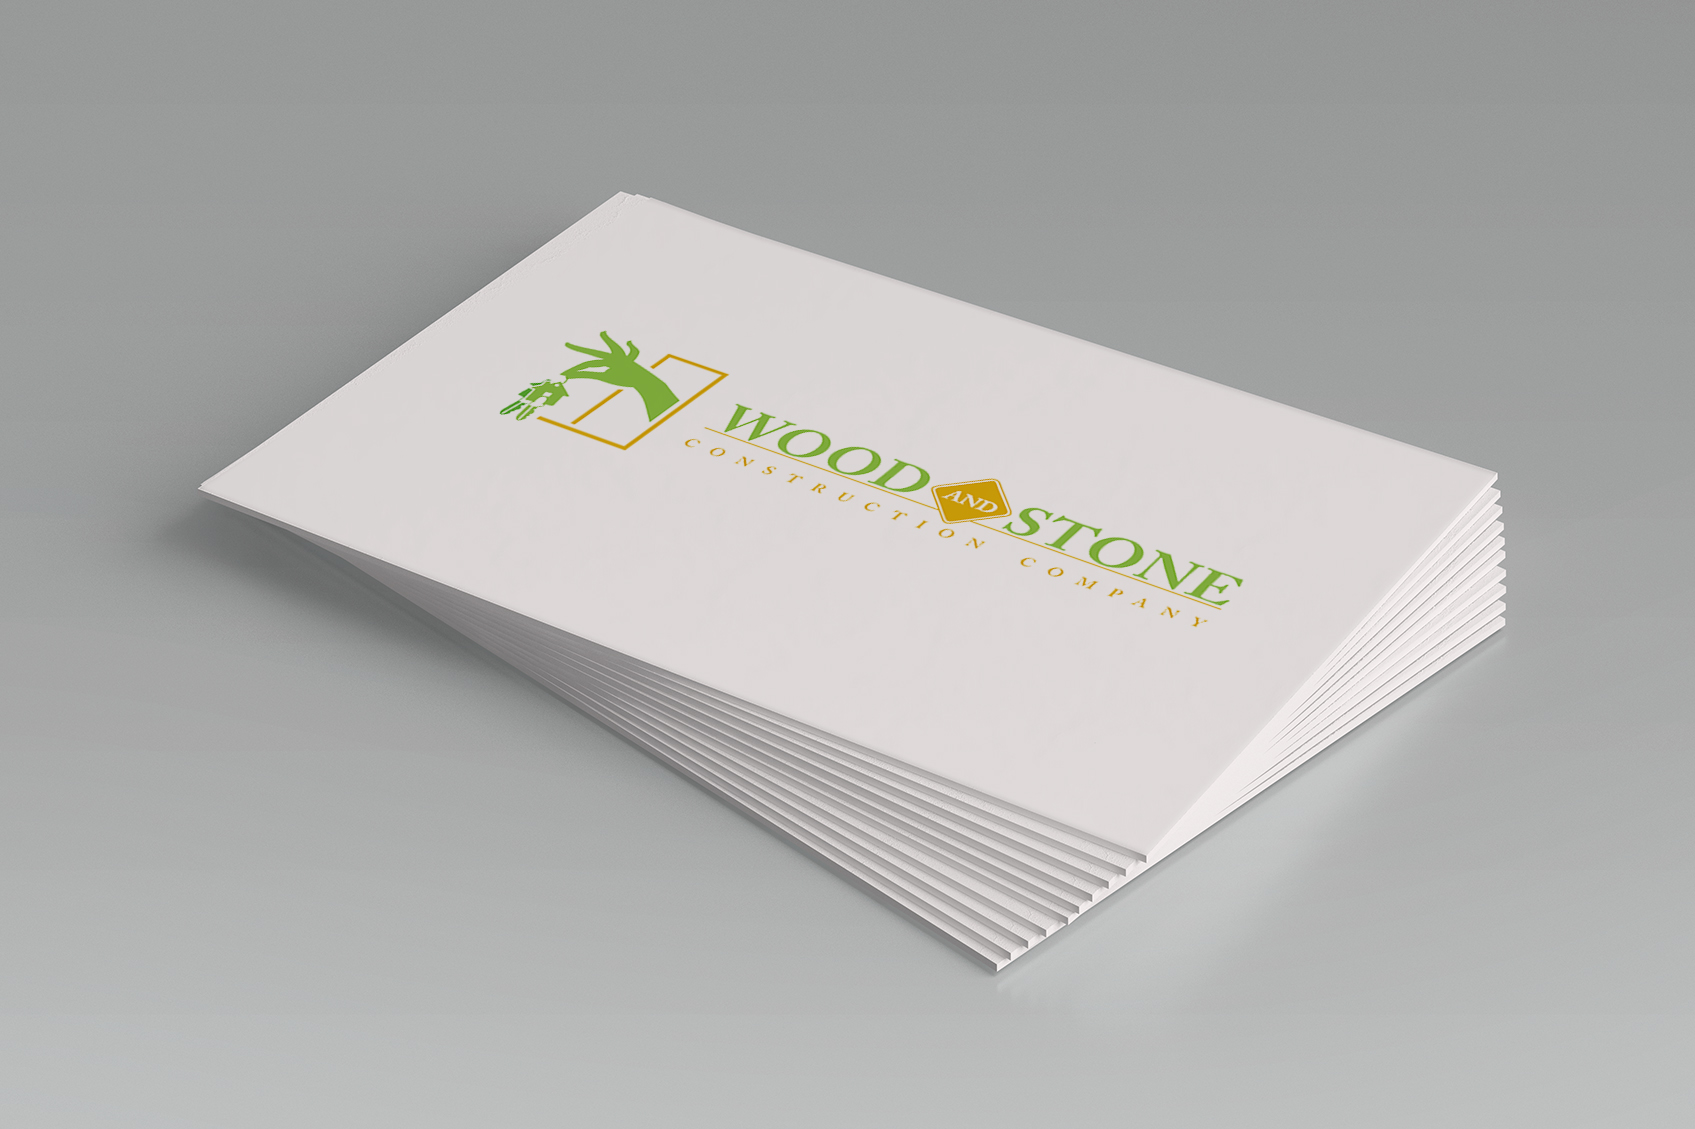 Логотип и Фирменный стиль фото f_18254a5c33eecccf.jpg